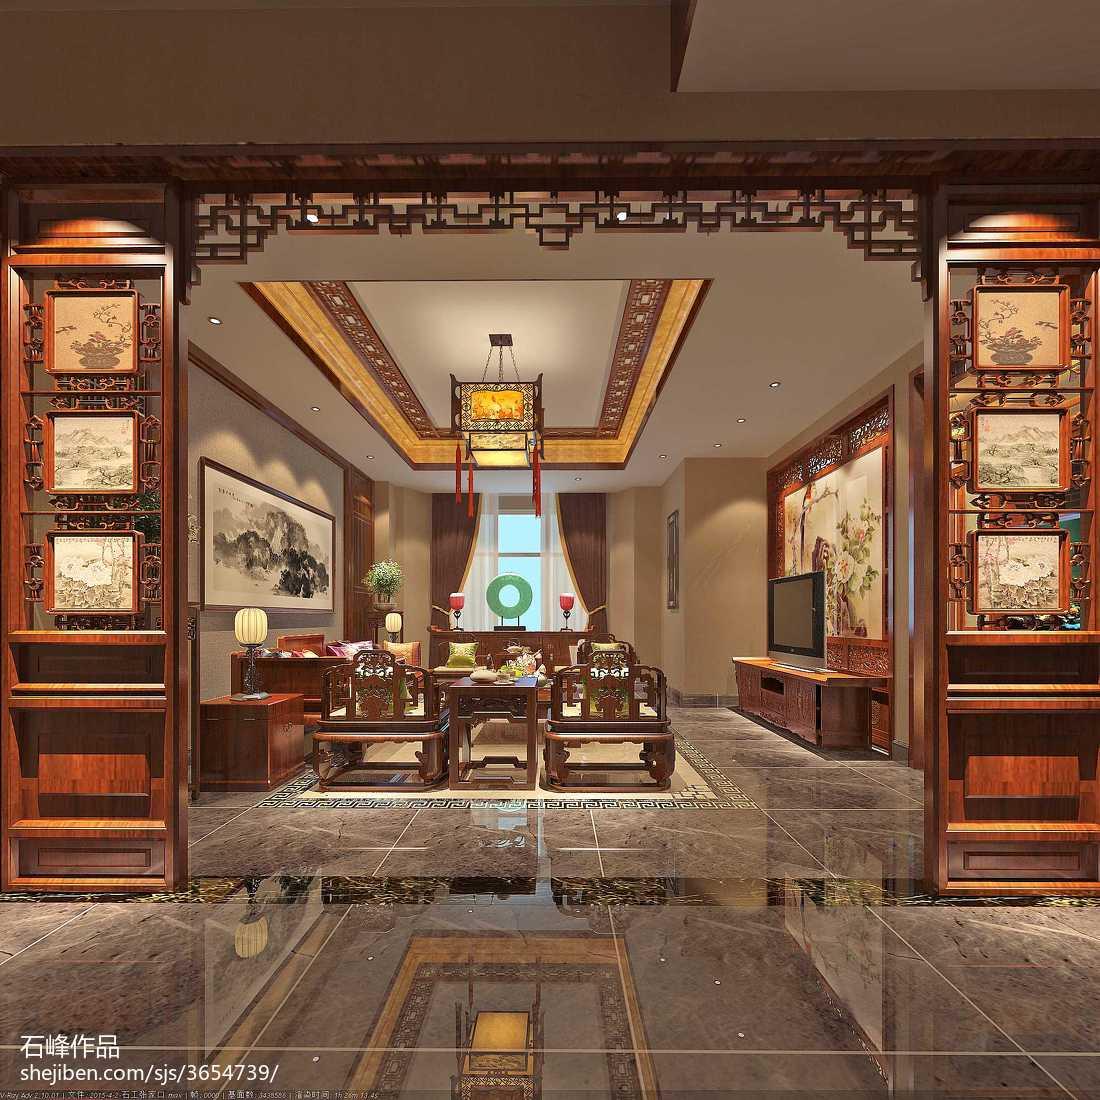 欧式拱门效果图_中式别墅客厅拱门效果图大全 – 设计本装修效果图